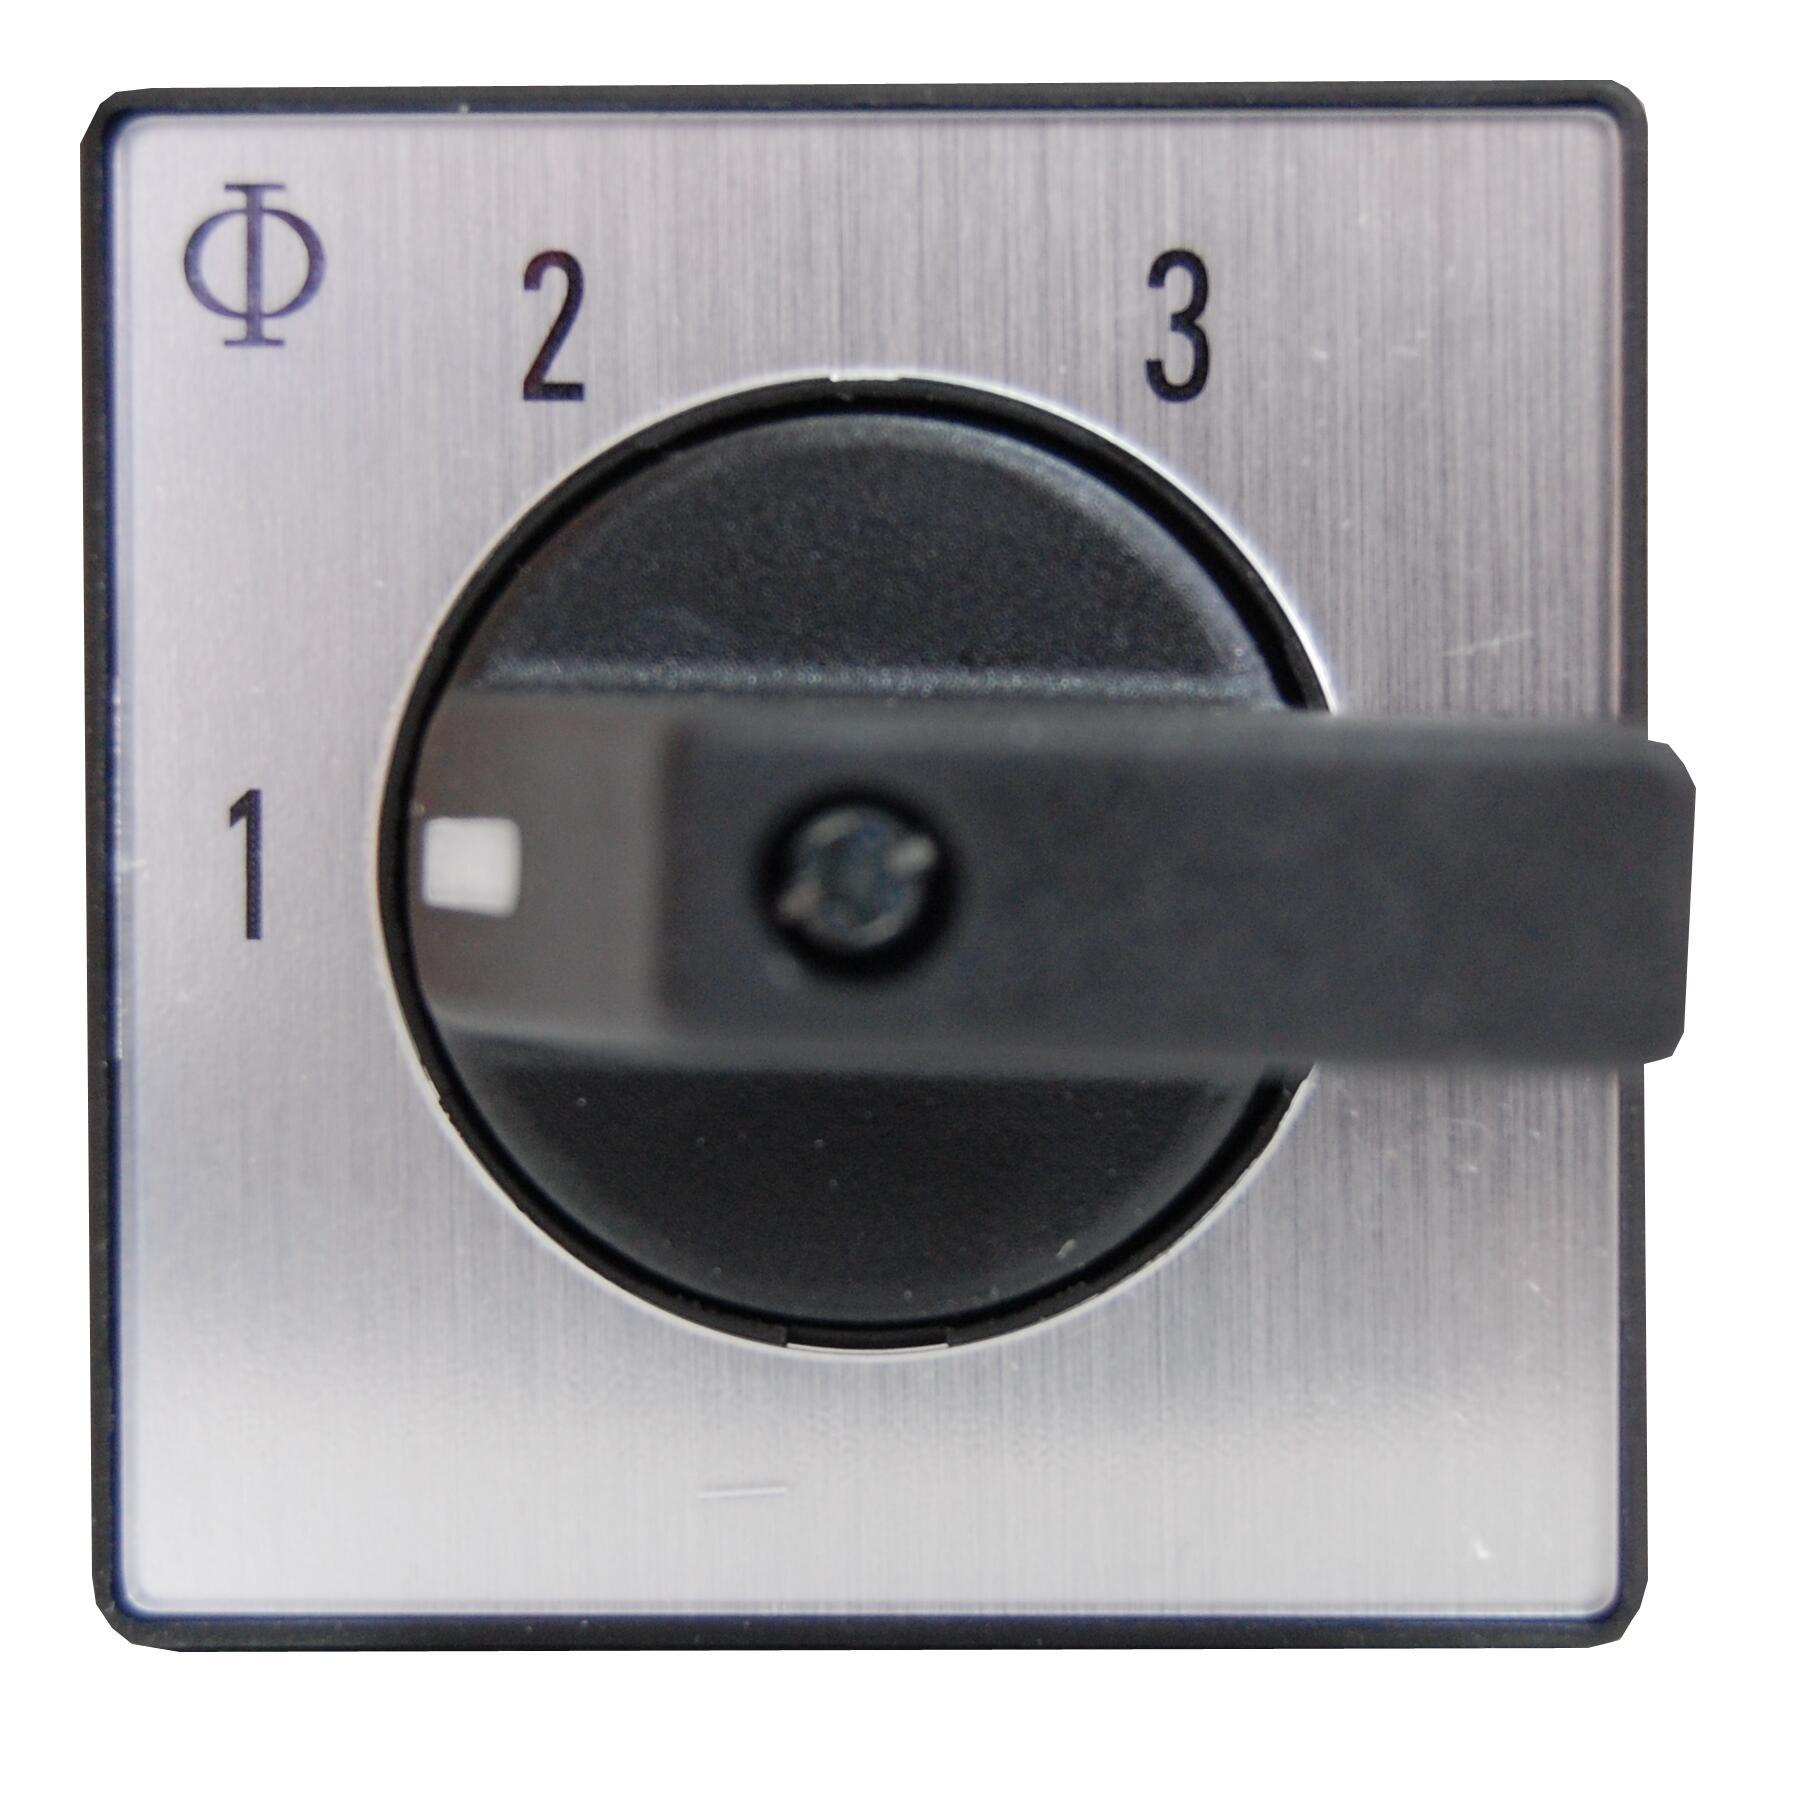 1 Stk Stufenschalter o. 0 Stellung, Front, 3 Stufen, 20A, 2-polig IN022016--